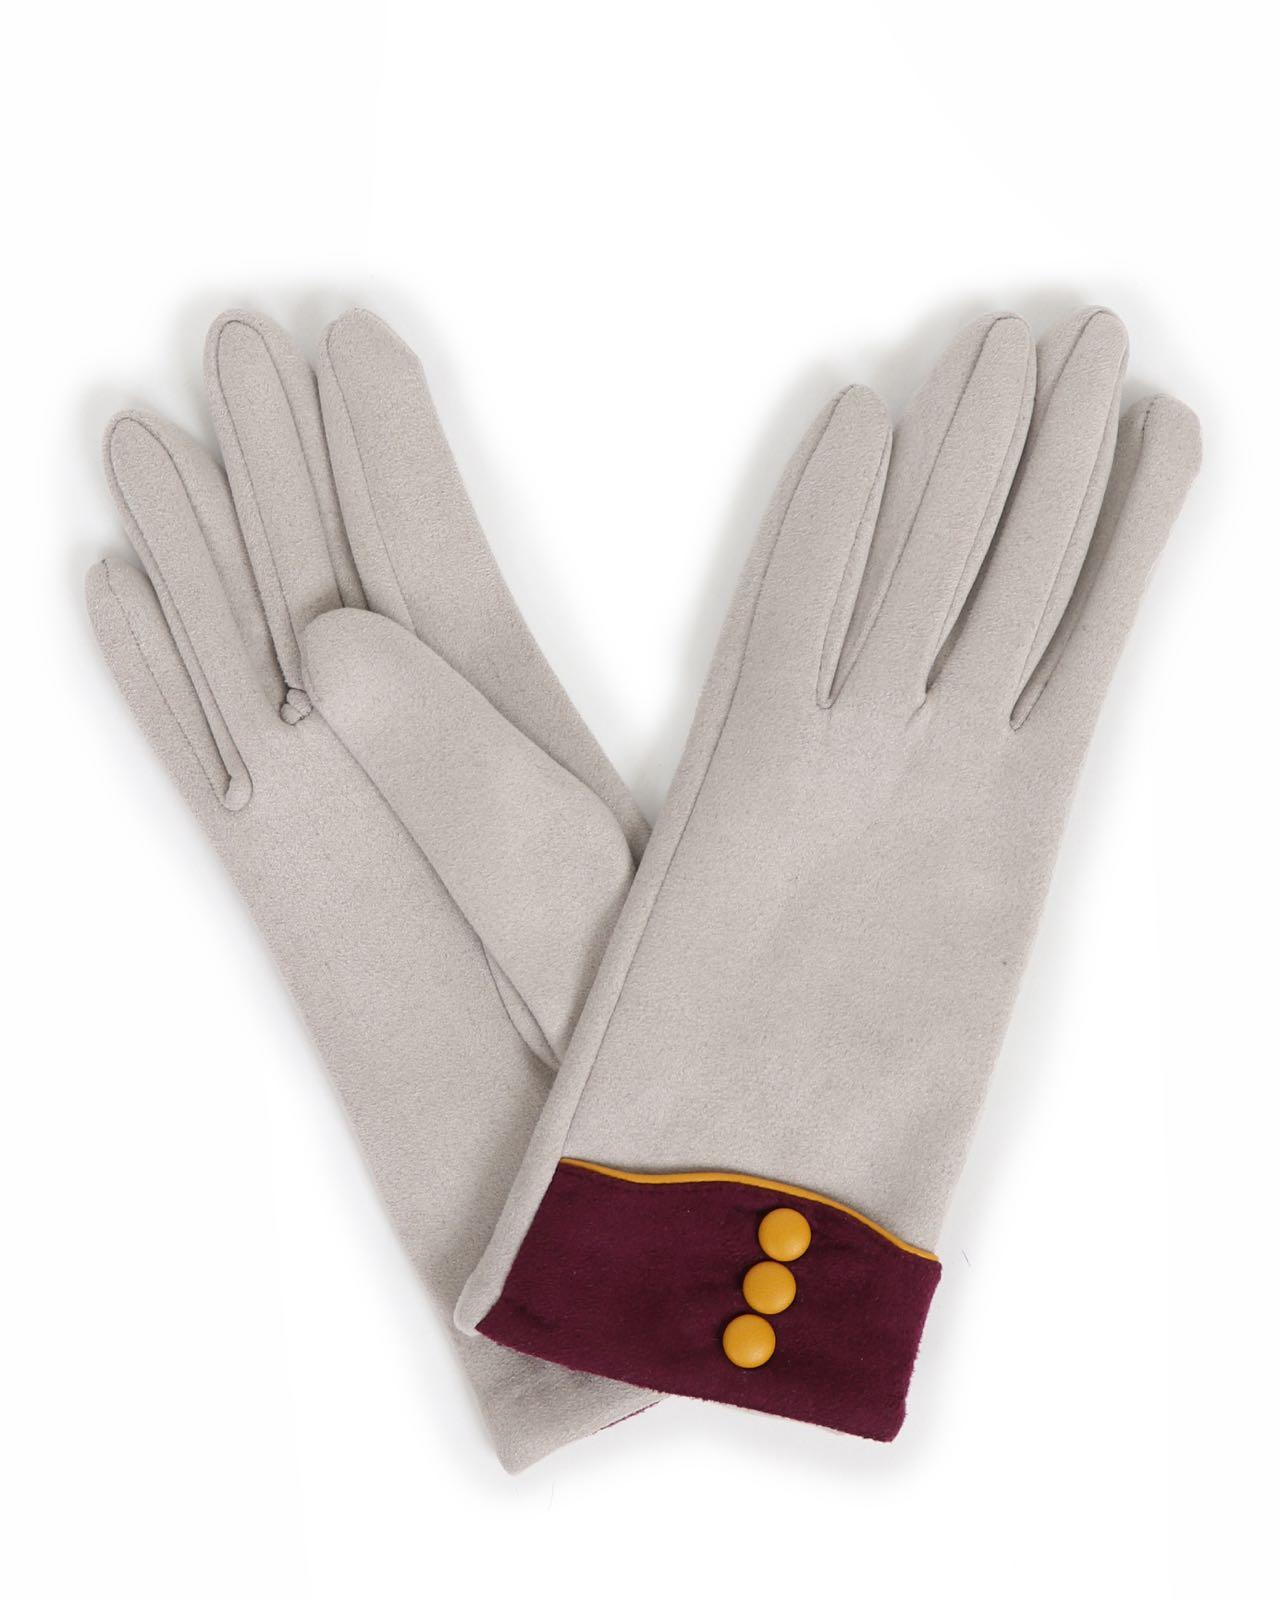 Powder Cassie faux suede gloves in light grey